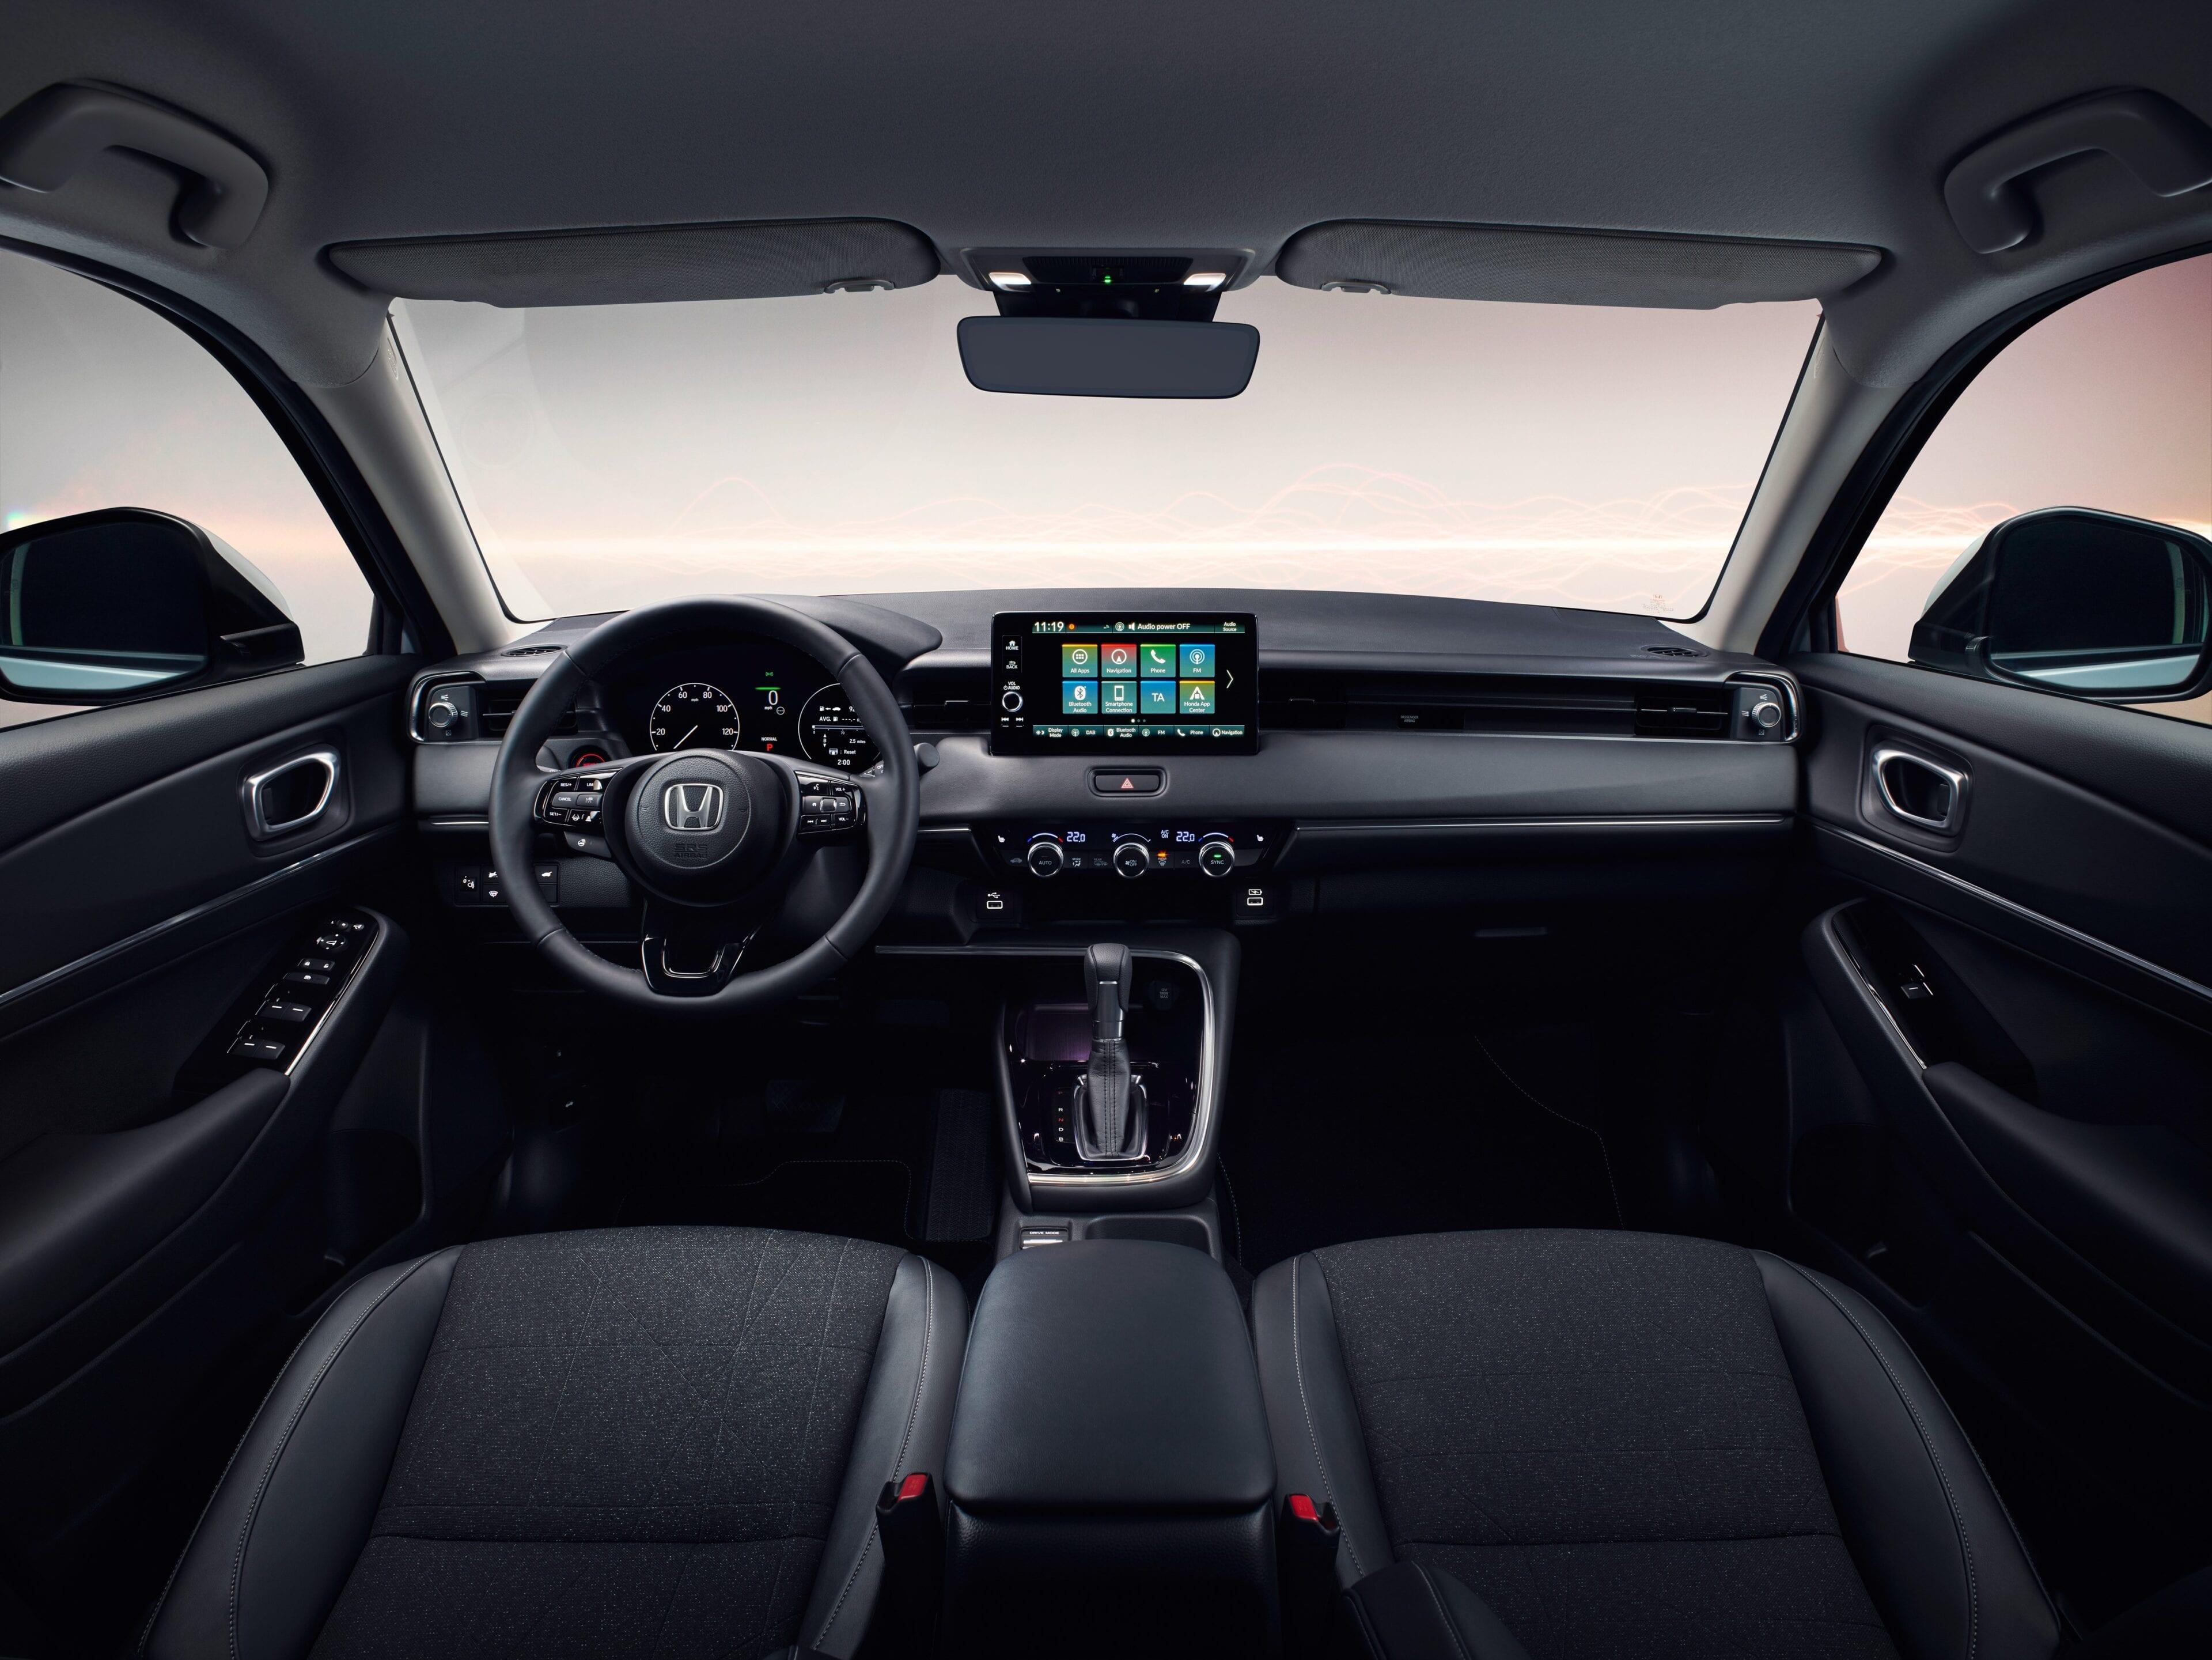 De HR-V is rijkelijk uitgerust en verzorgt uw entertainment dankzij aansluitingen die naadloos synchroniseren met uw bestaande toestellen. Van Android Auto tot Wireless Apple CarPlay, uw muziek en berichten hoeft u nooit te missen onderweg.